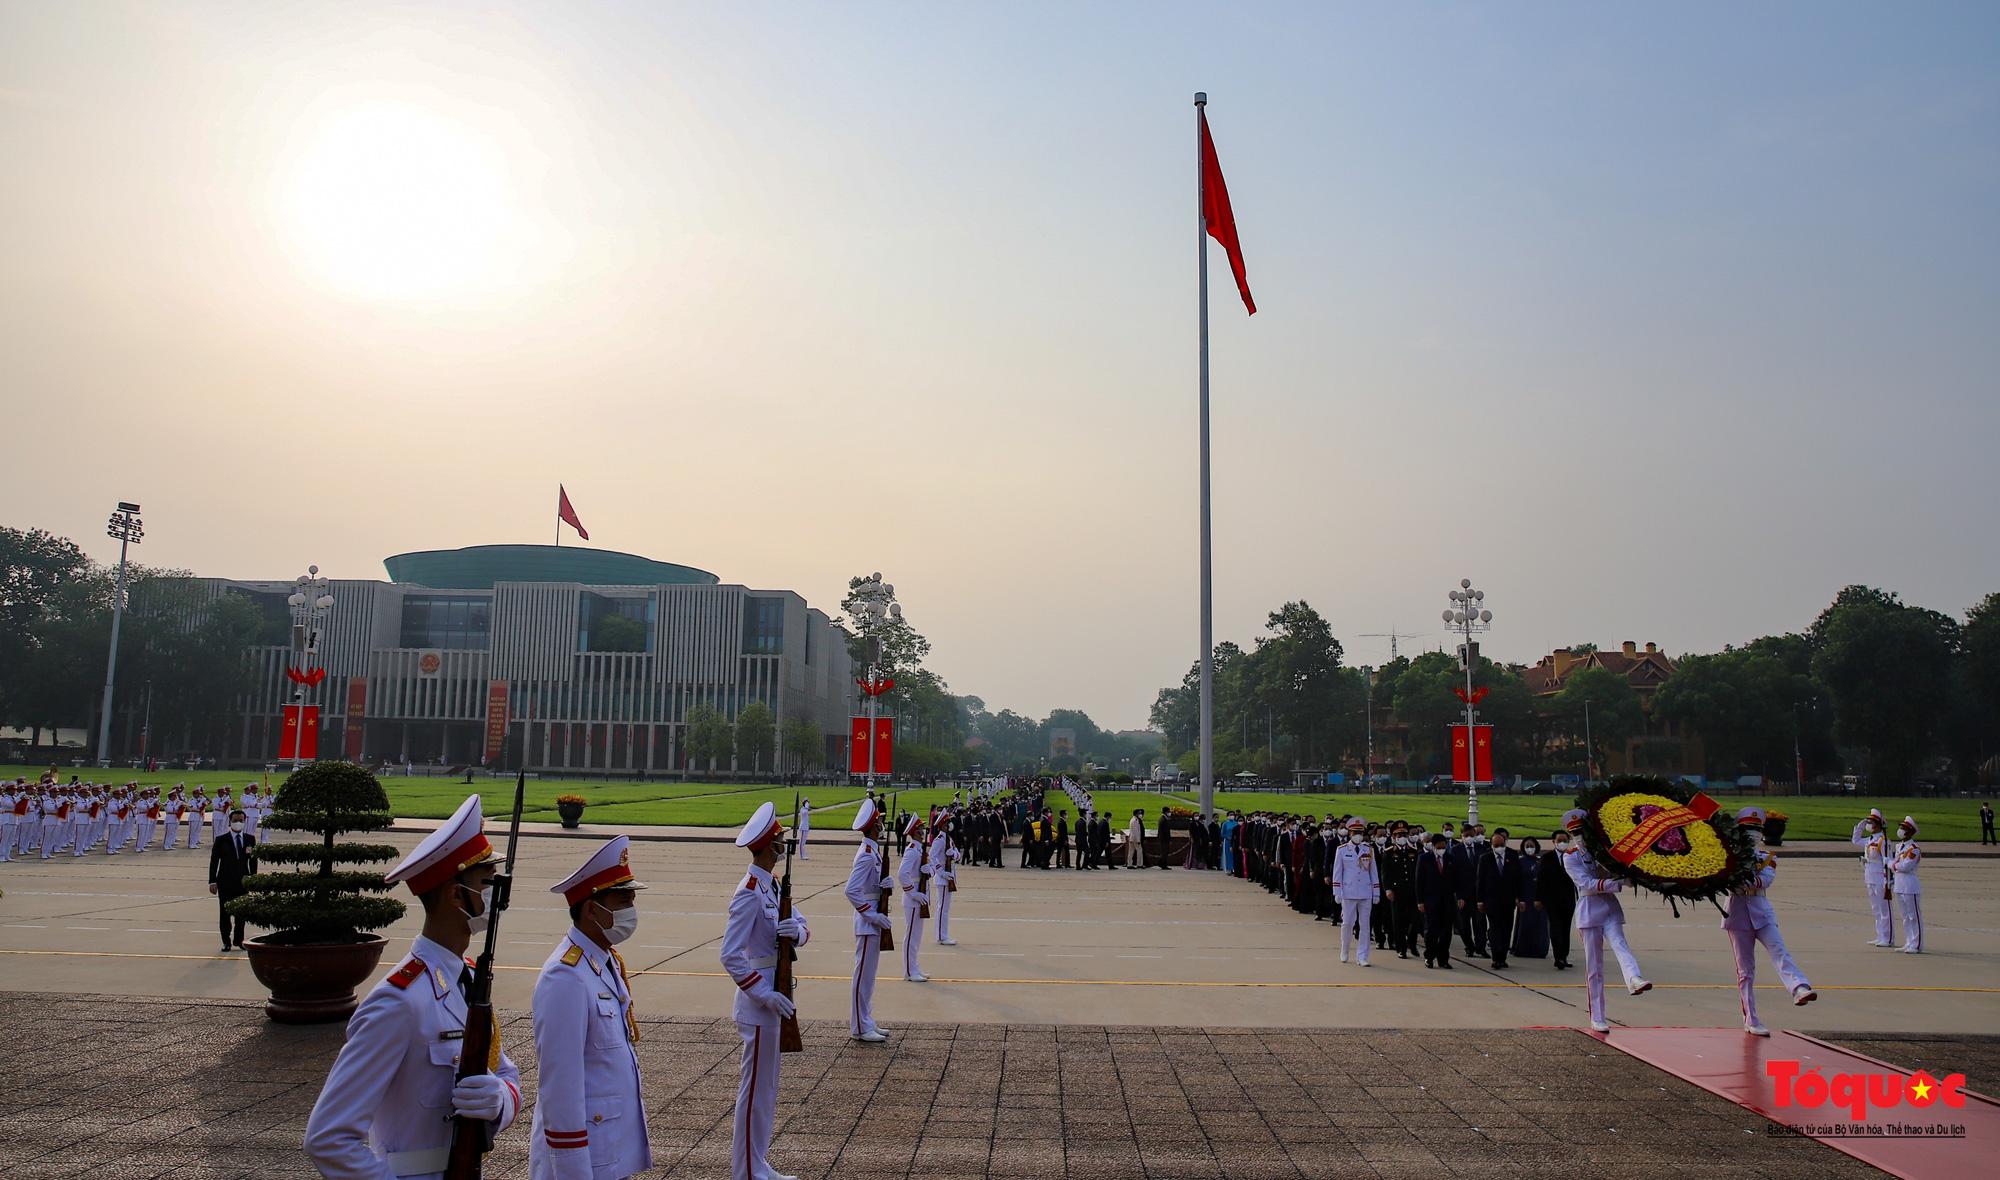 Lãnh đạo Đảng, Nhà nước và các đại biểu Quốc hội khóa XV vào Lăng viếng Chủ tịch Hồ Chí Minh - Ảnh 2.